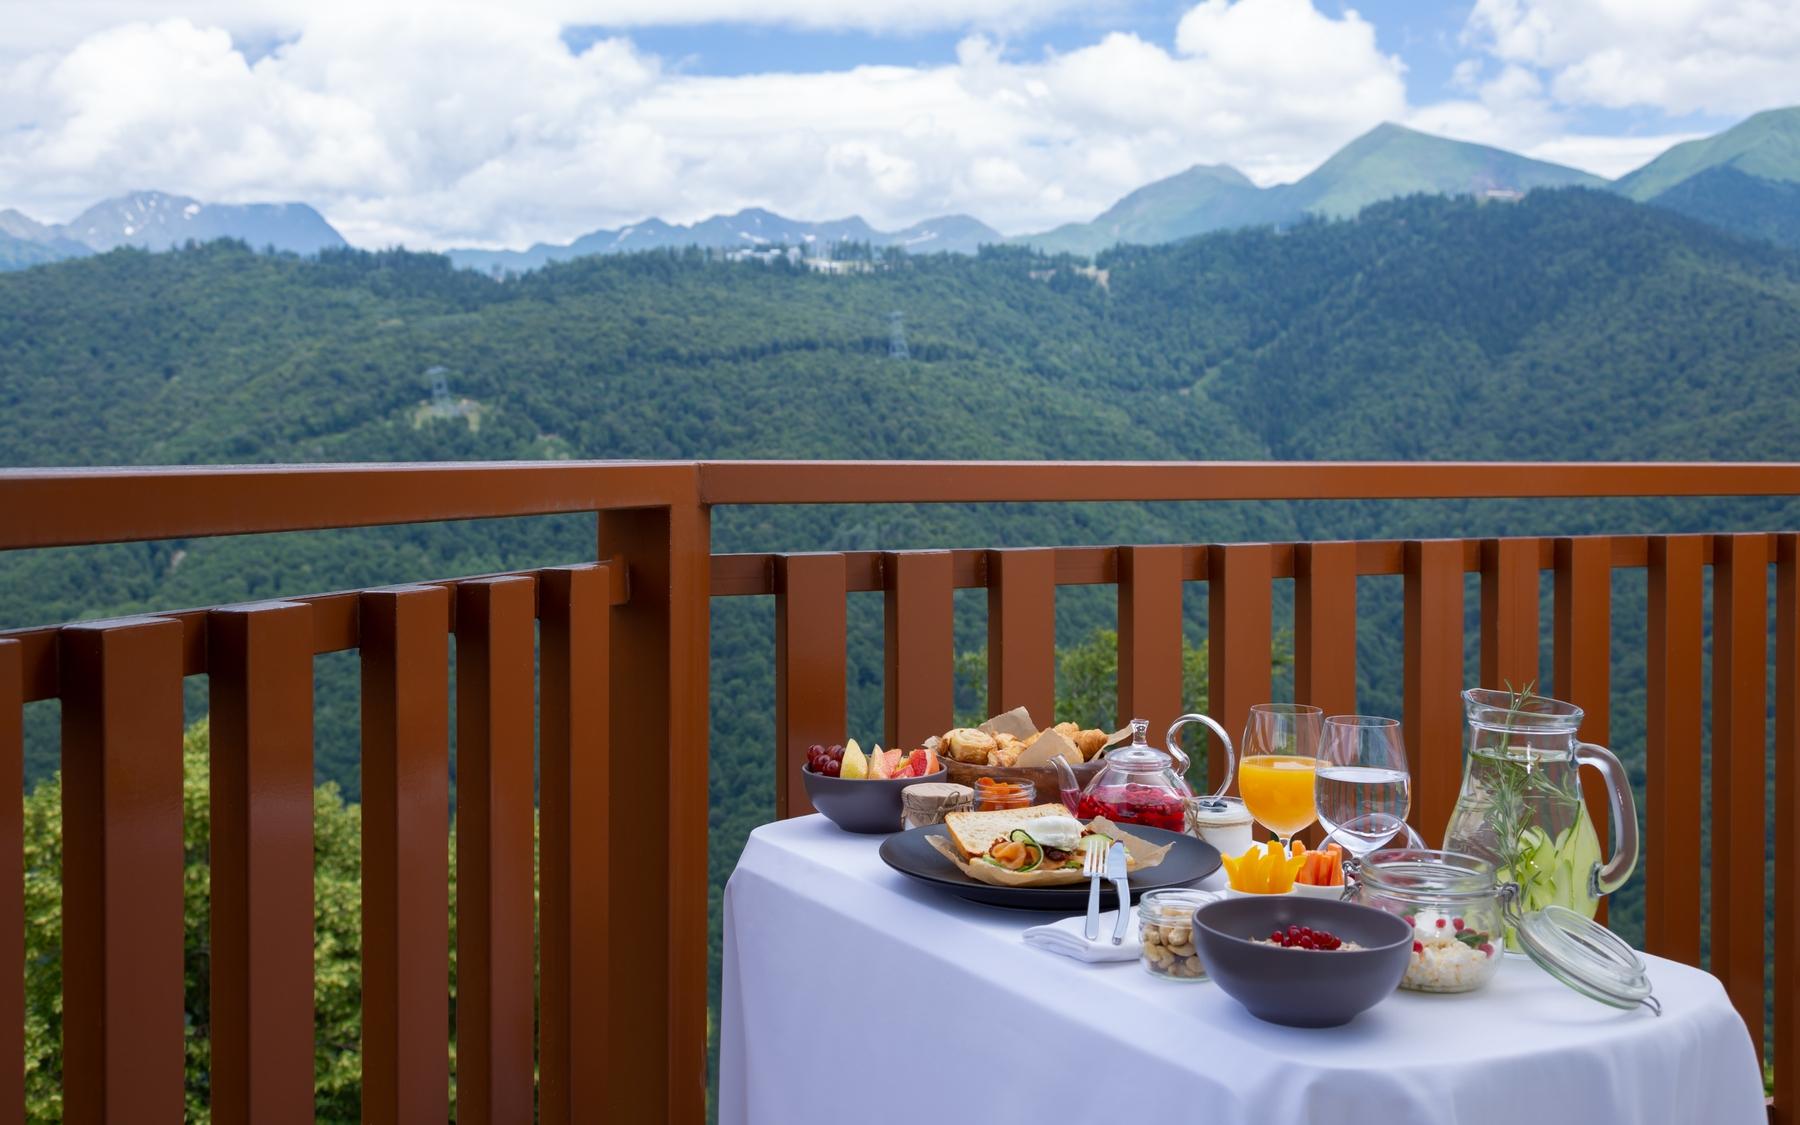 Завтрак в отеле с видом на вершины — бесценно